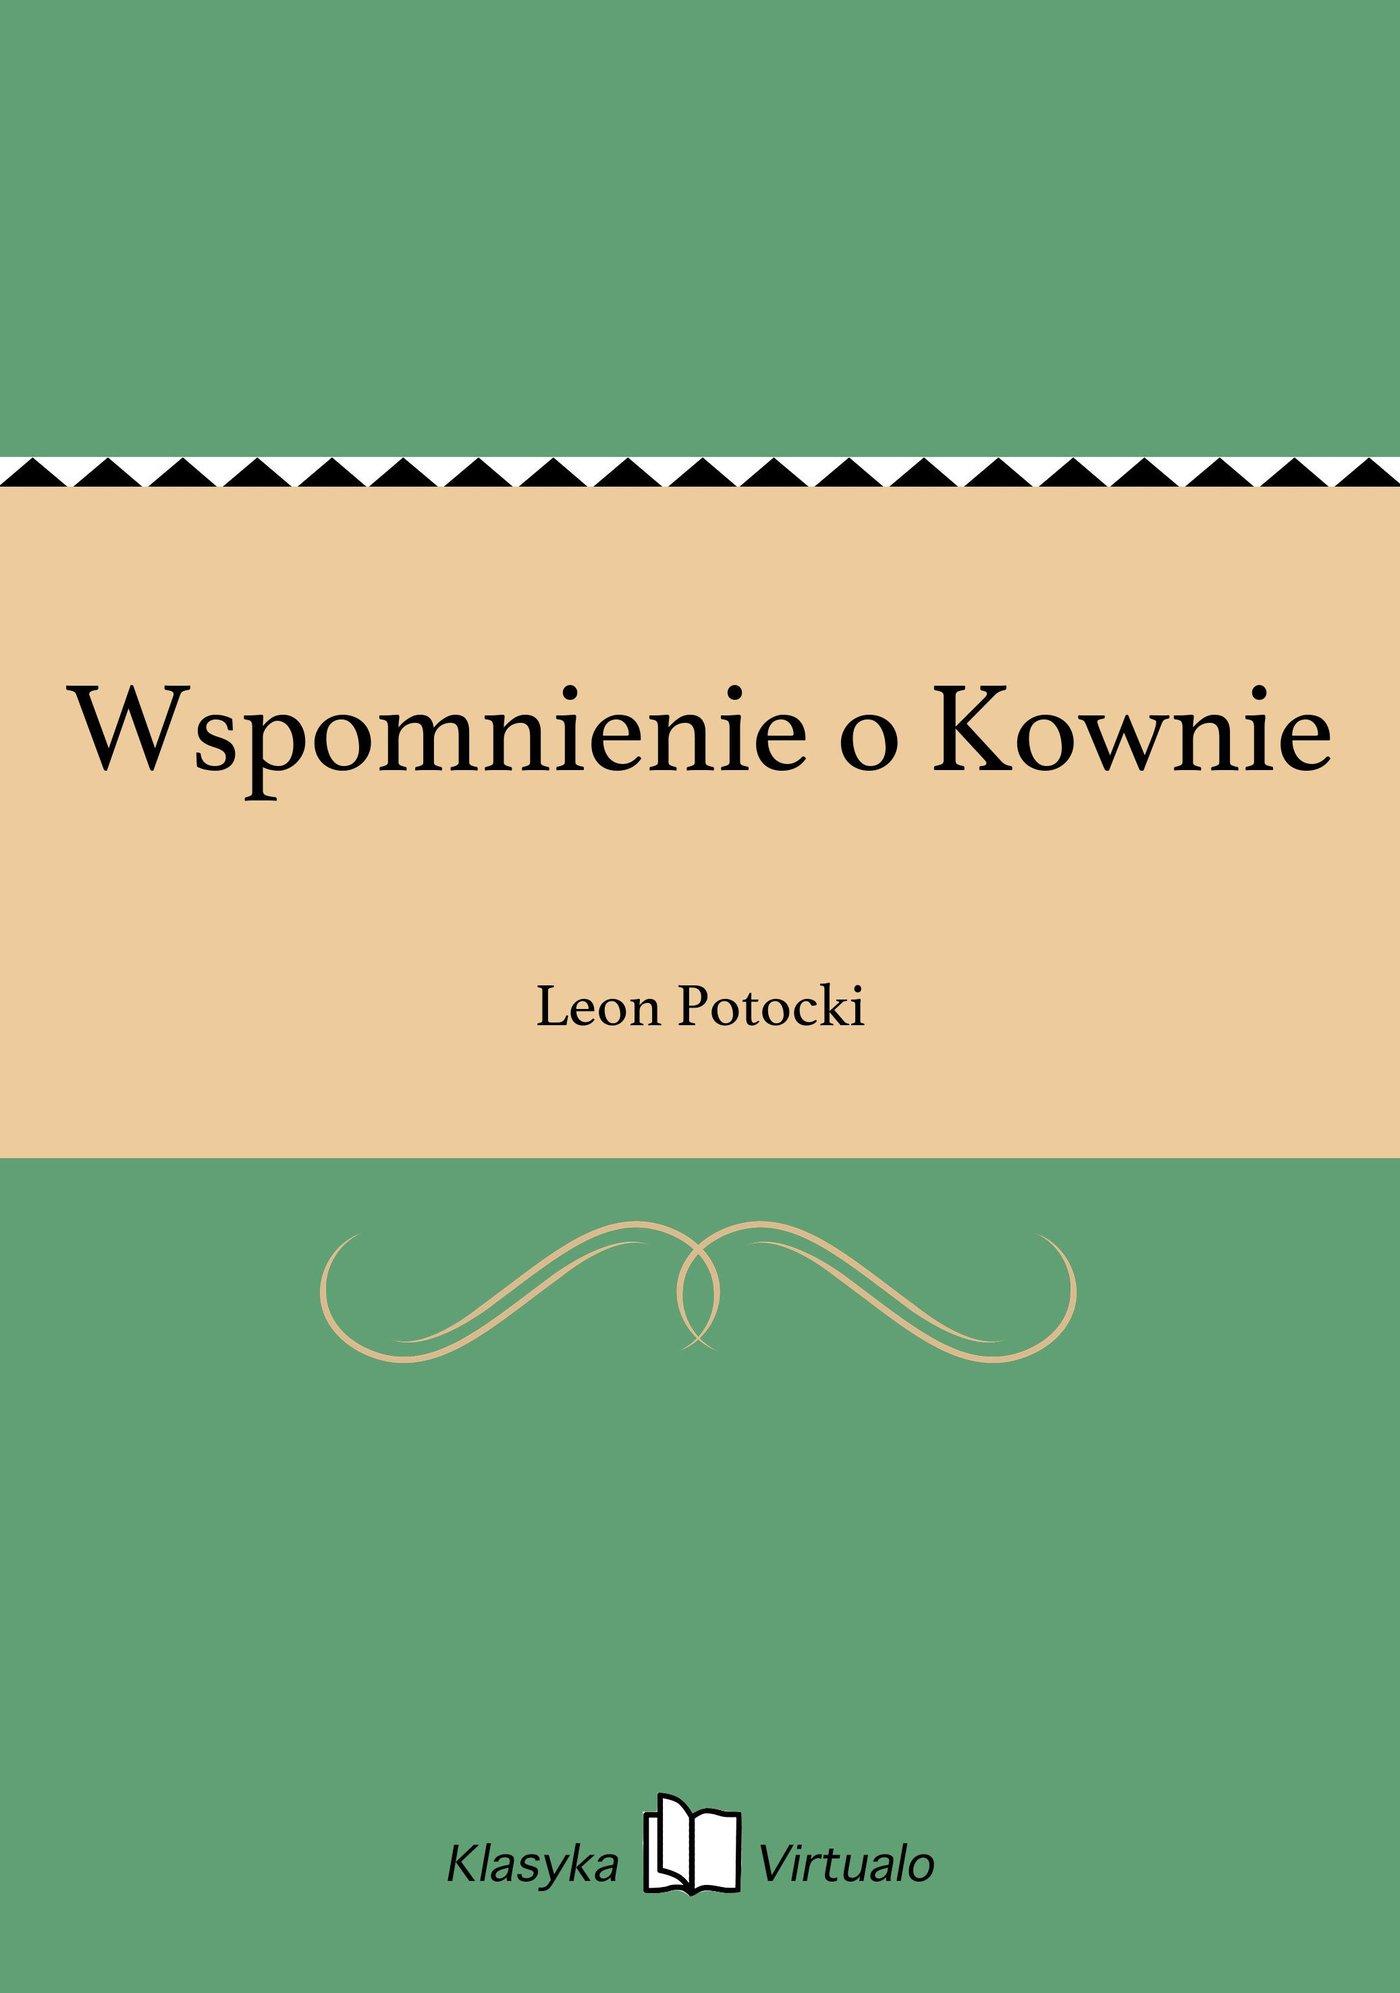 Wspomnienie o Kownie - Ebook (Książka EPUB) do pobrania w formacie EPUB